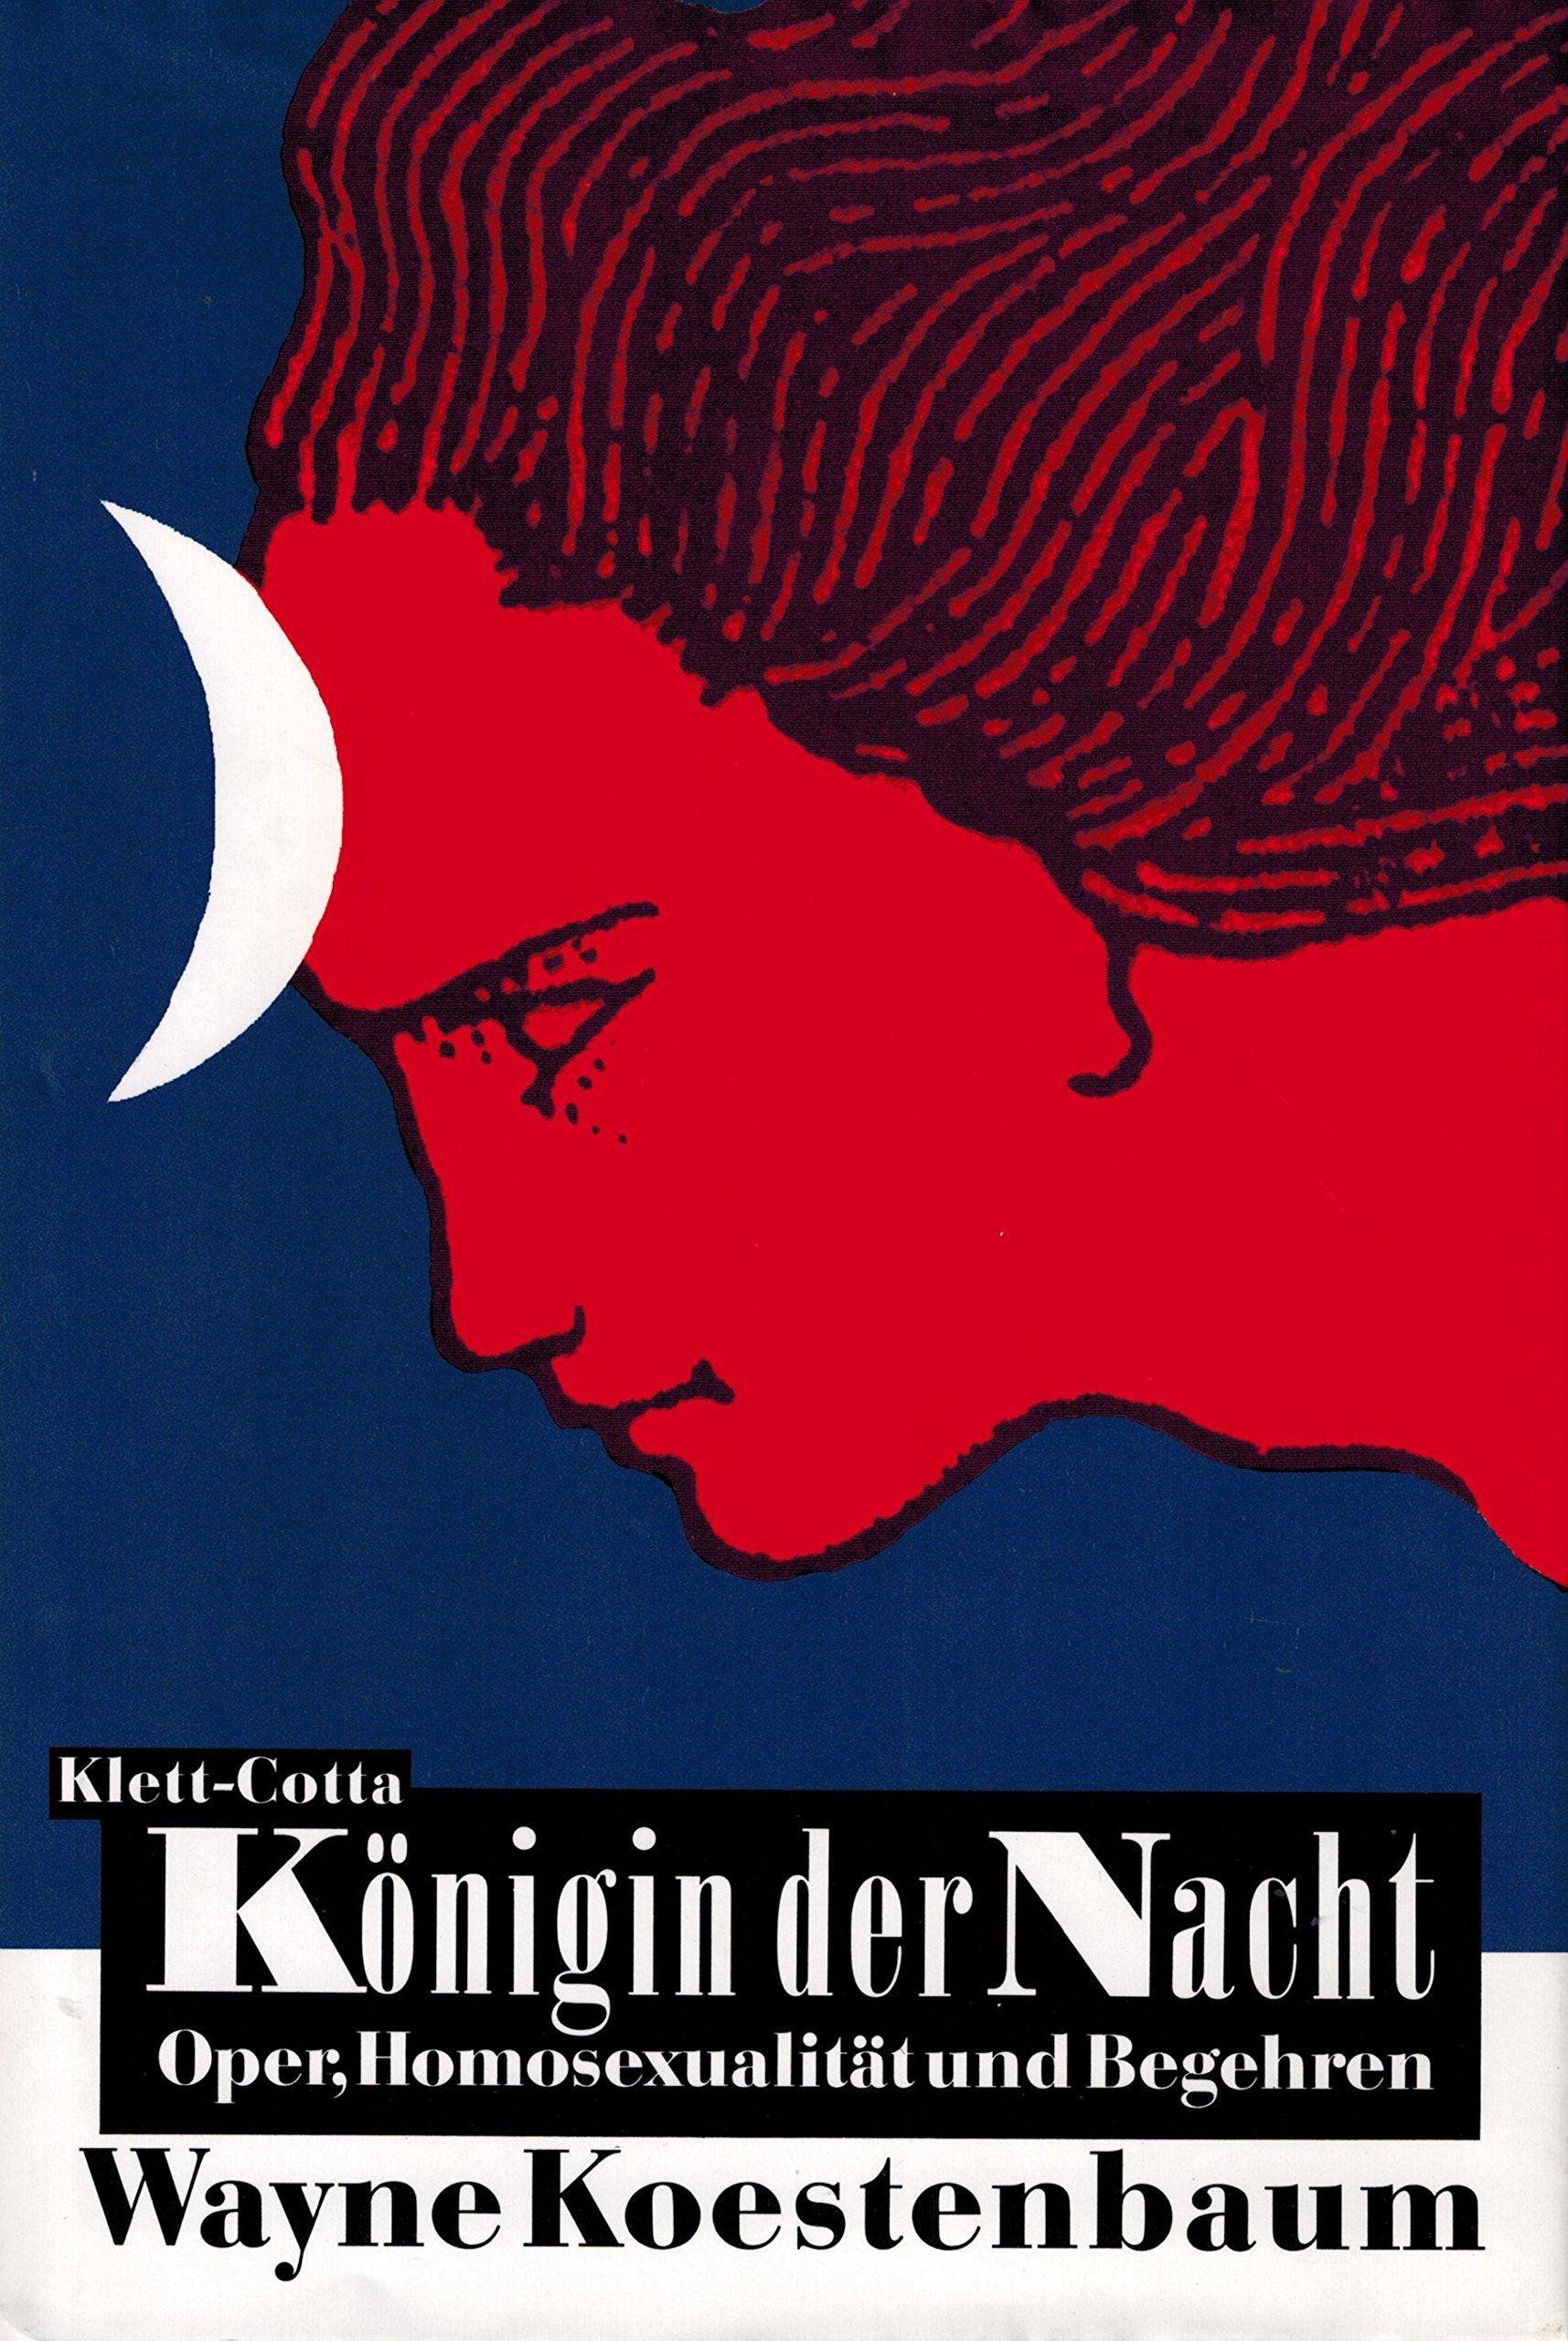 Königin der Nacht: Oper, Homosexualität und Begehren Gebundenes Buch – 1996 Wayne Koestenbaum Königin der Nacht: Oper Klett-Cotta 3608917144